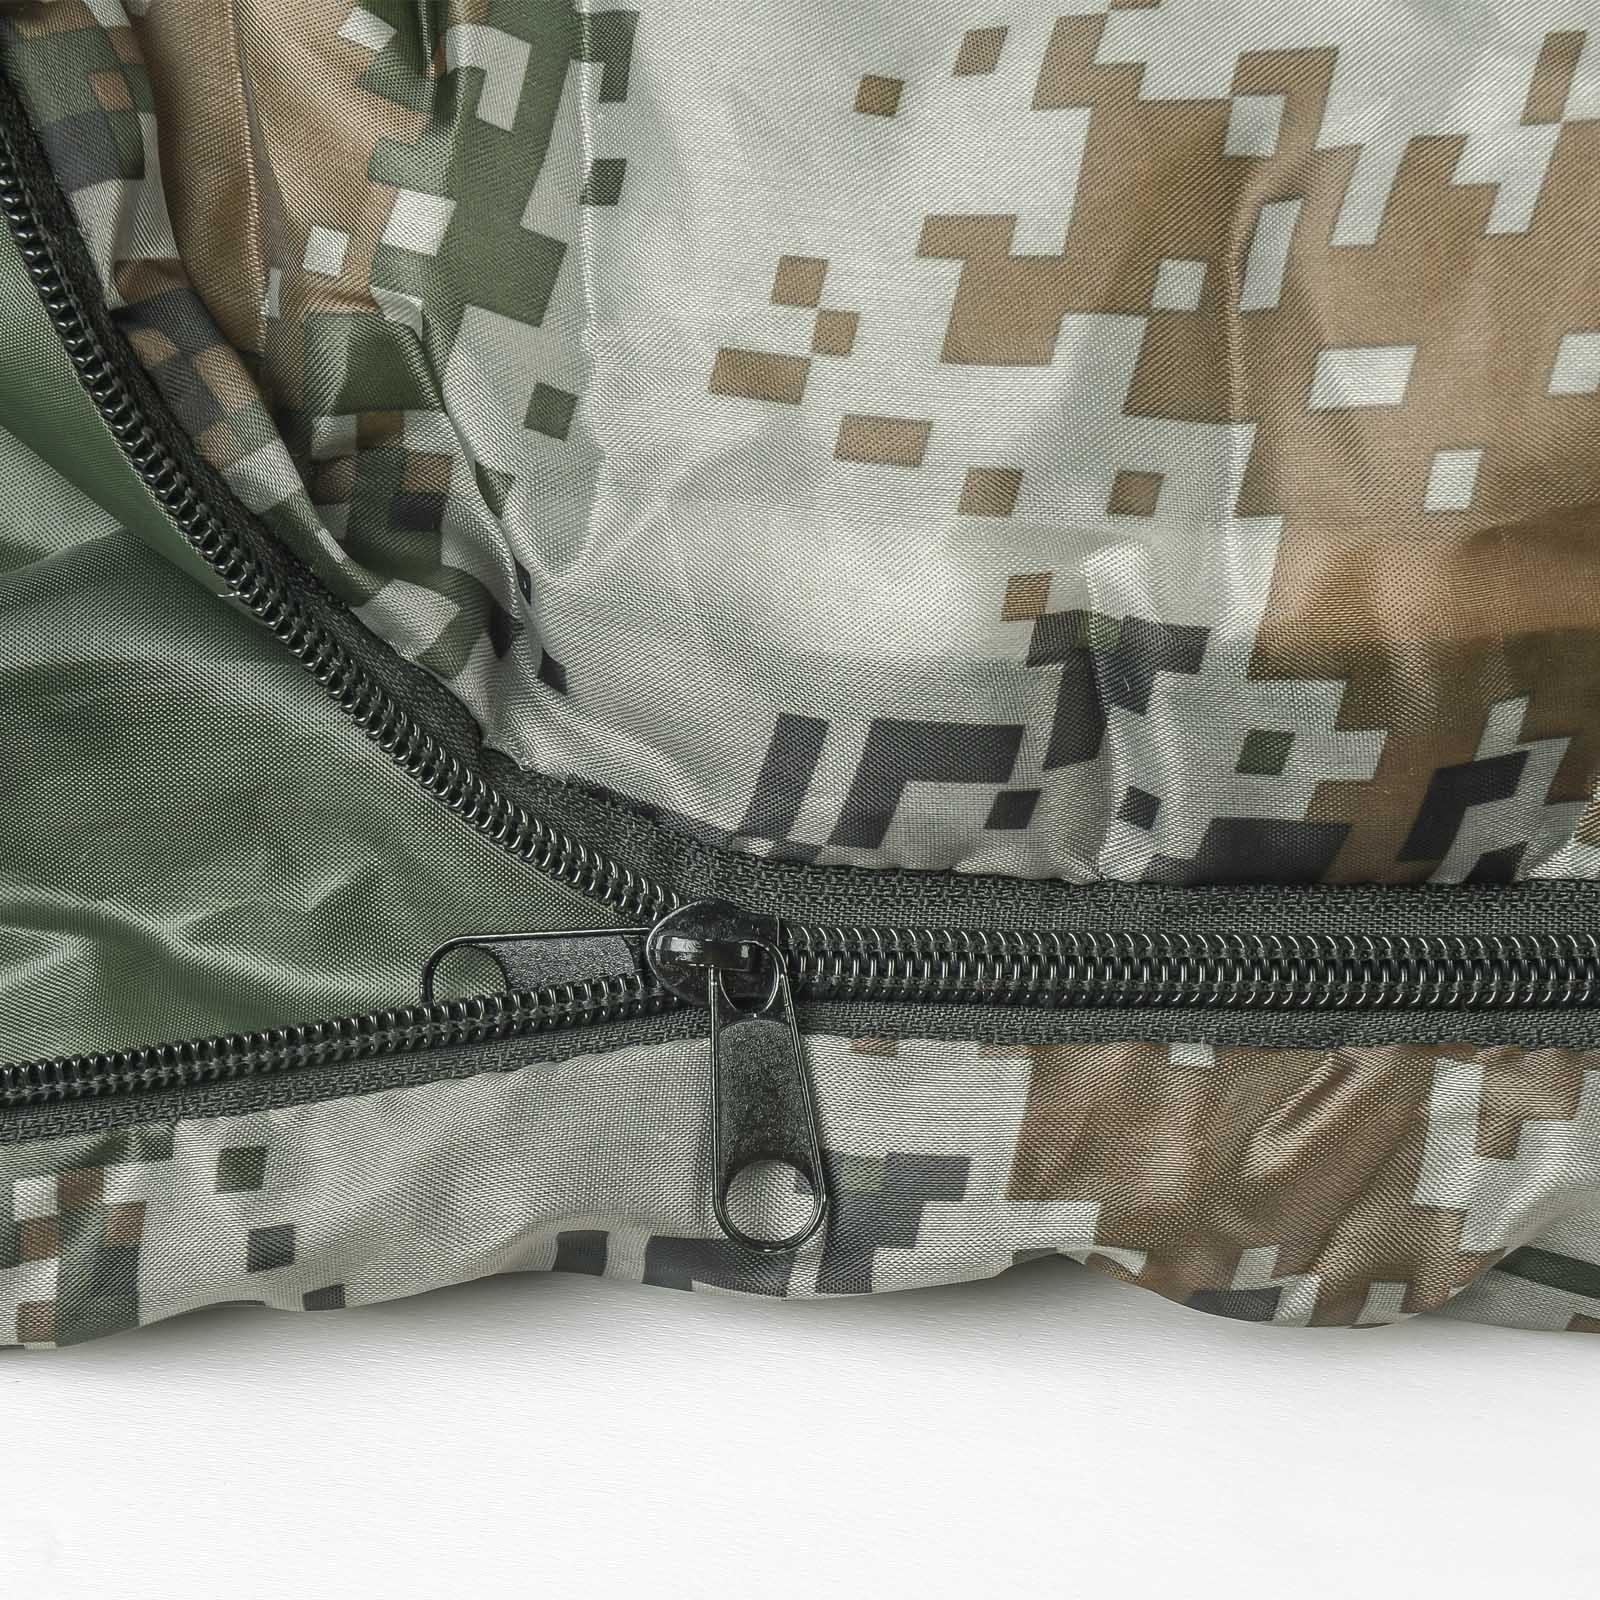 Легкие военные спальники для использования осенью и зимой